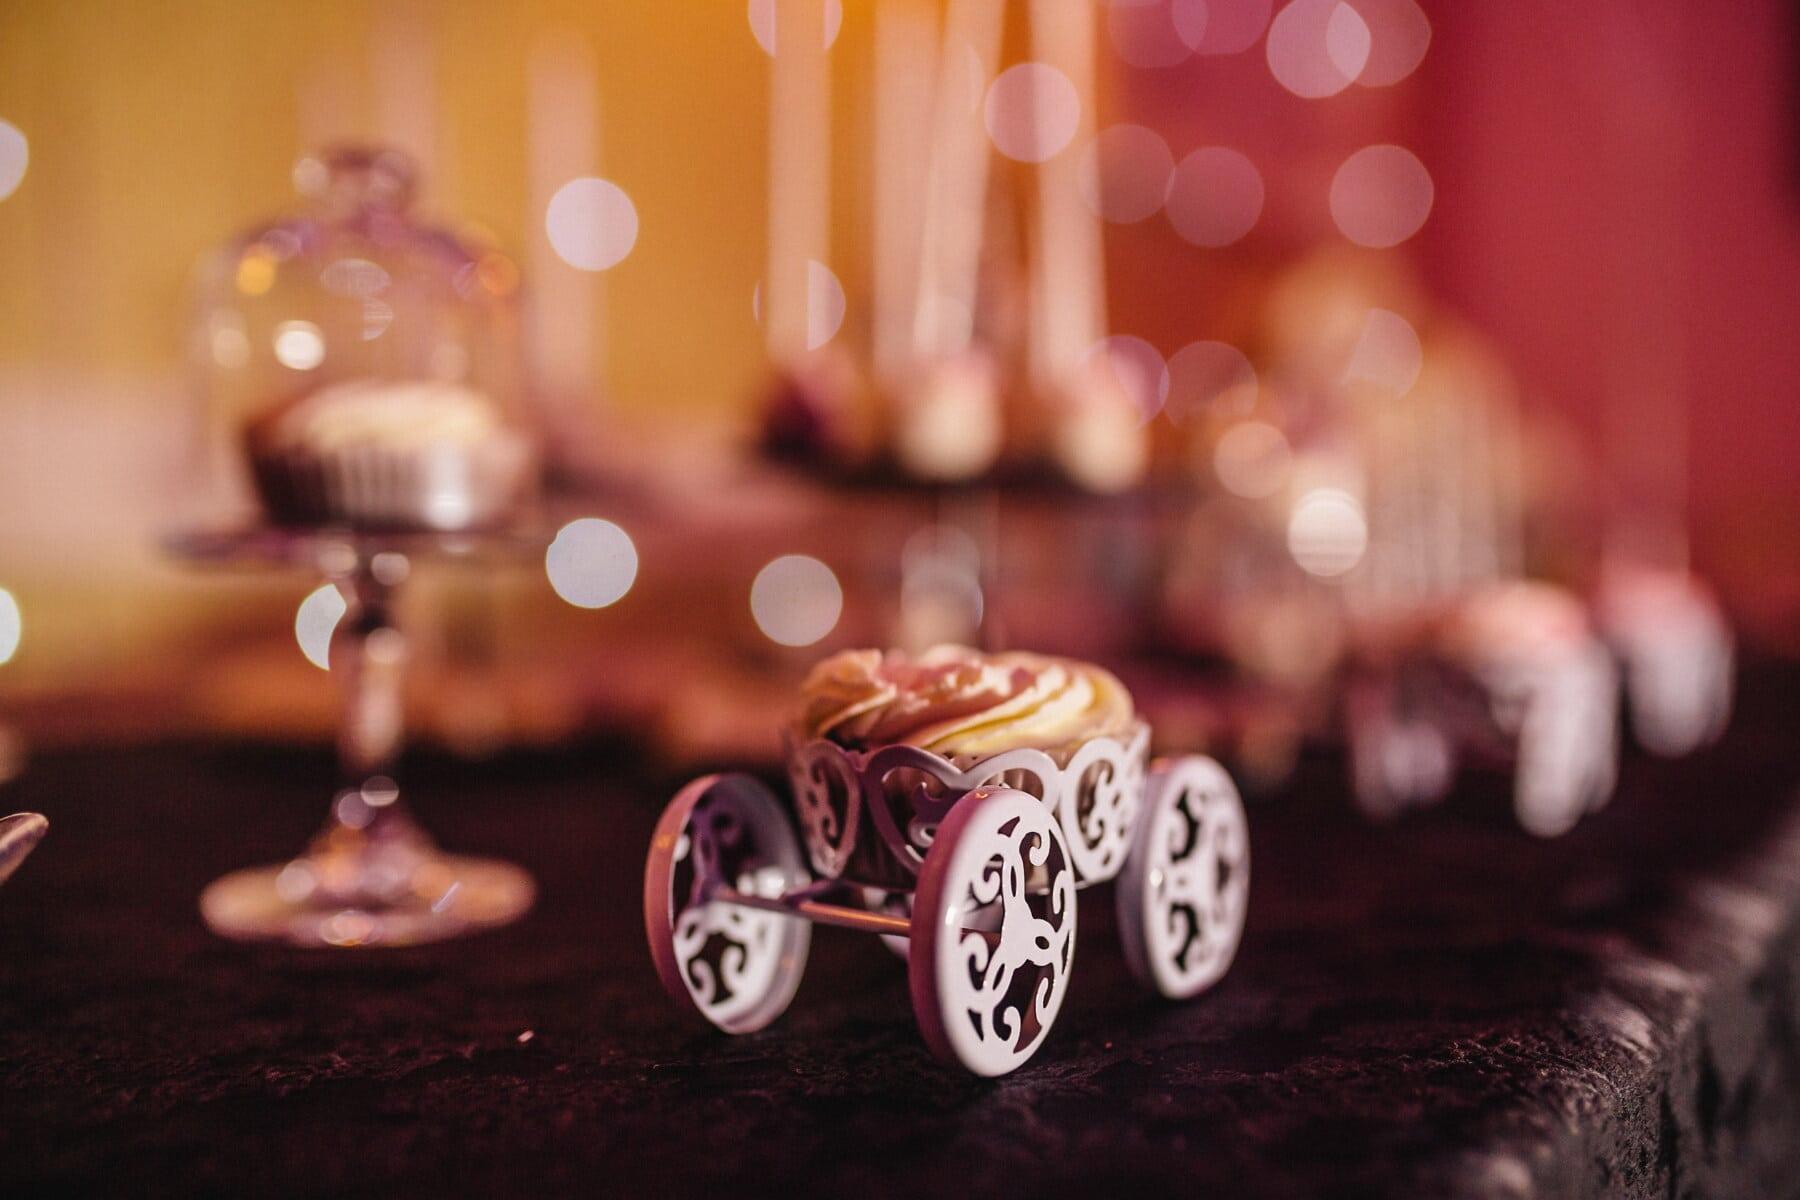 Cupcake, aus nächster Nähe, Partei, Feiertag, Weihnachten, traditionelle, Feier, drinnen, Candle-Light, Ferien